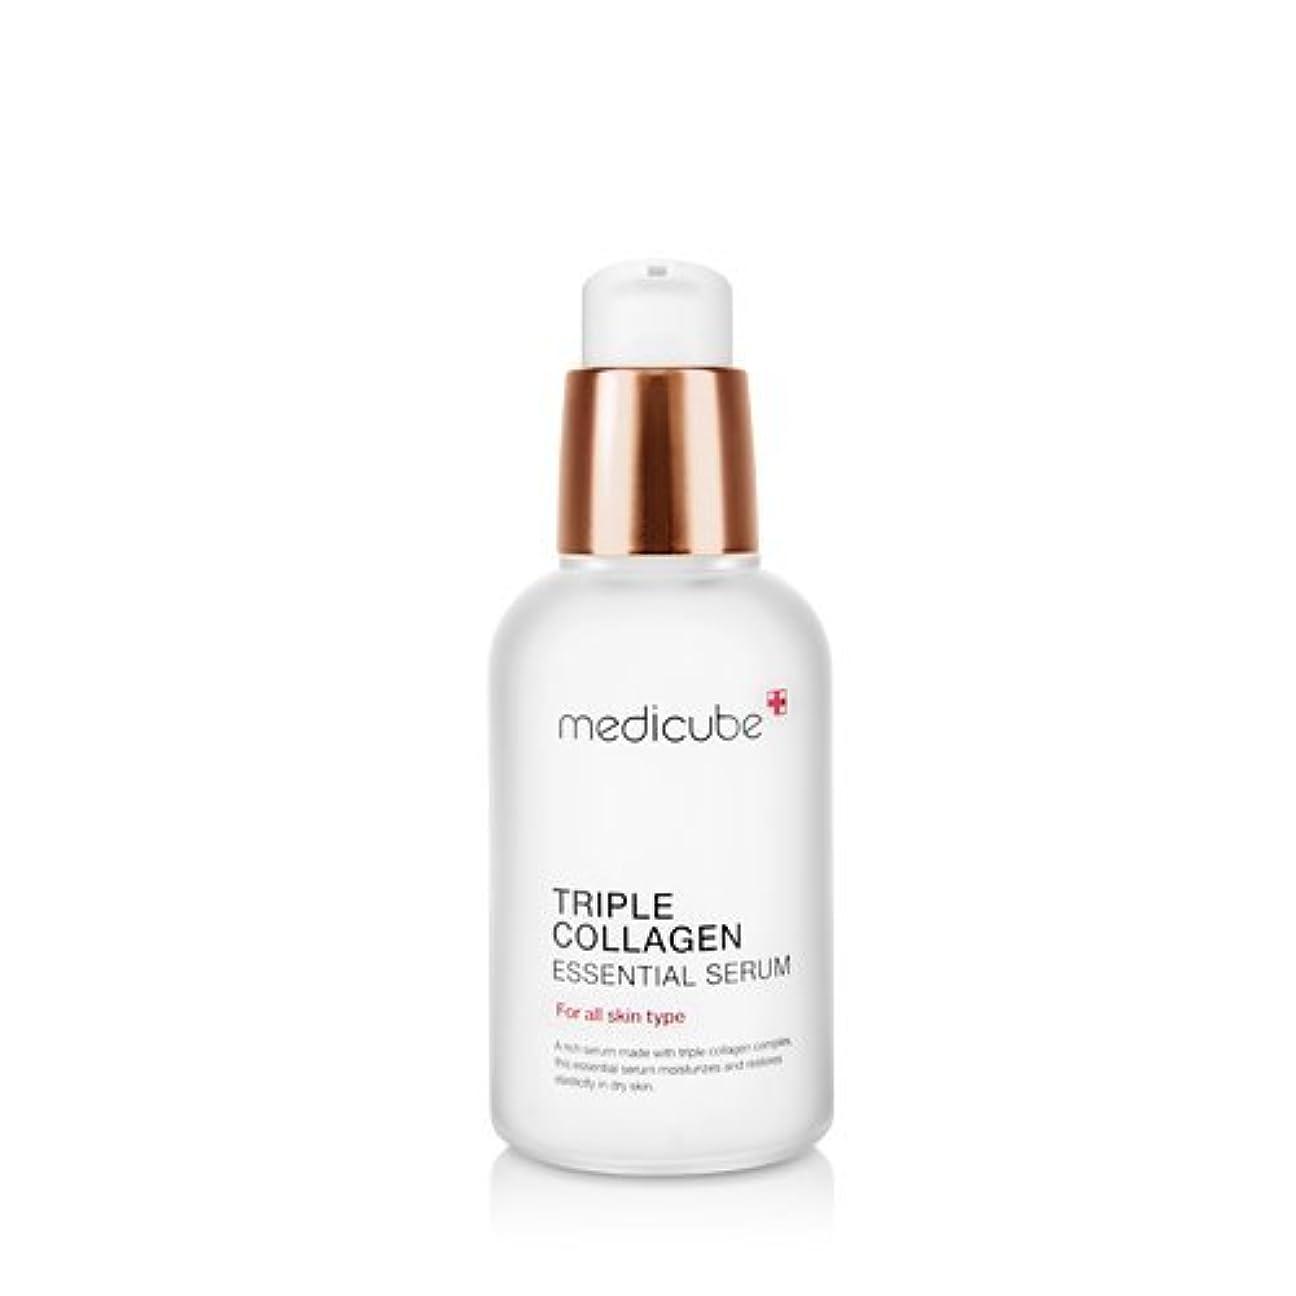 引退するスカーフ引退するmedicube Triple Collagen Essential Serum 50ml/メディキューブ トリプル コラーゲン エッセンシャル セラム 50ml [並行輸入品]